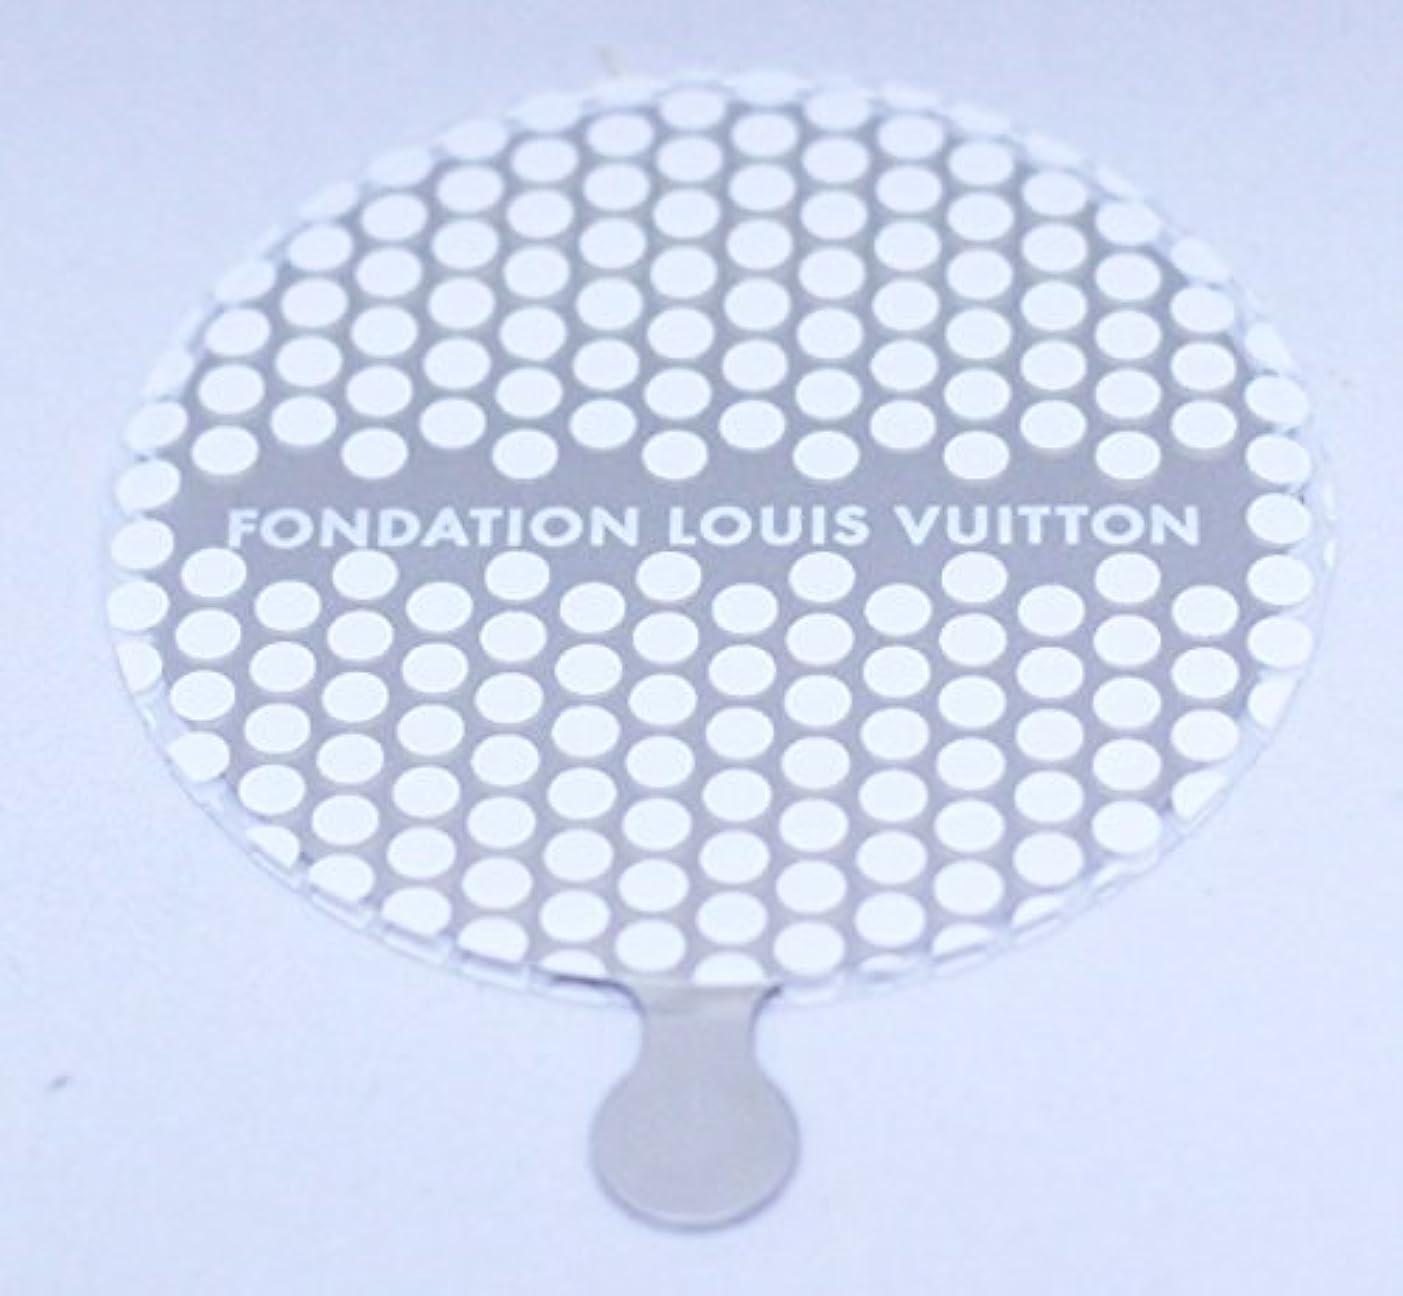 屈辱するサーカス膿瘍ルイヴィトン財団 美術館 限定 FONDATION LOUIS VUITTON ハンドミラー [並行輸入品]